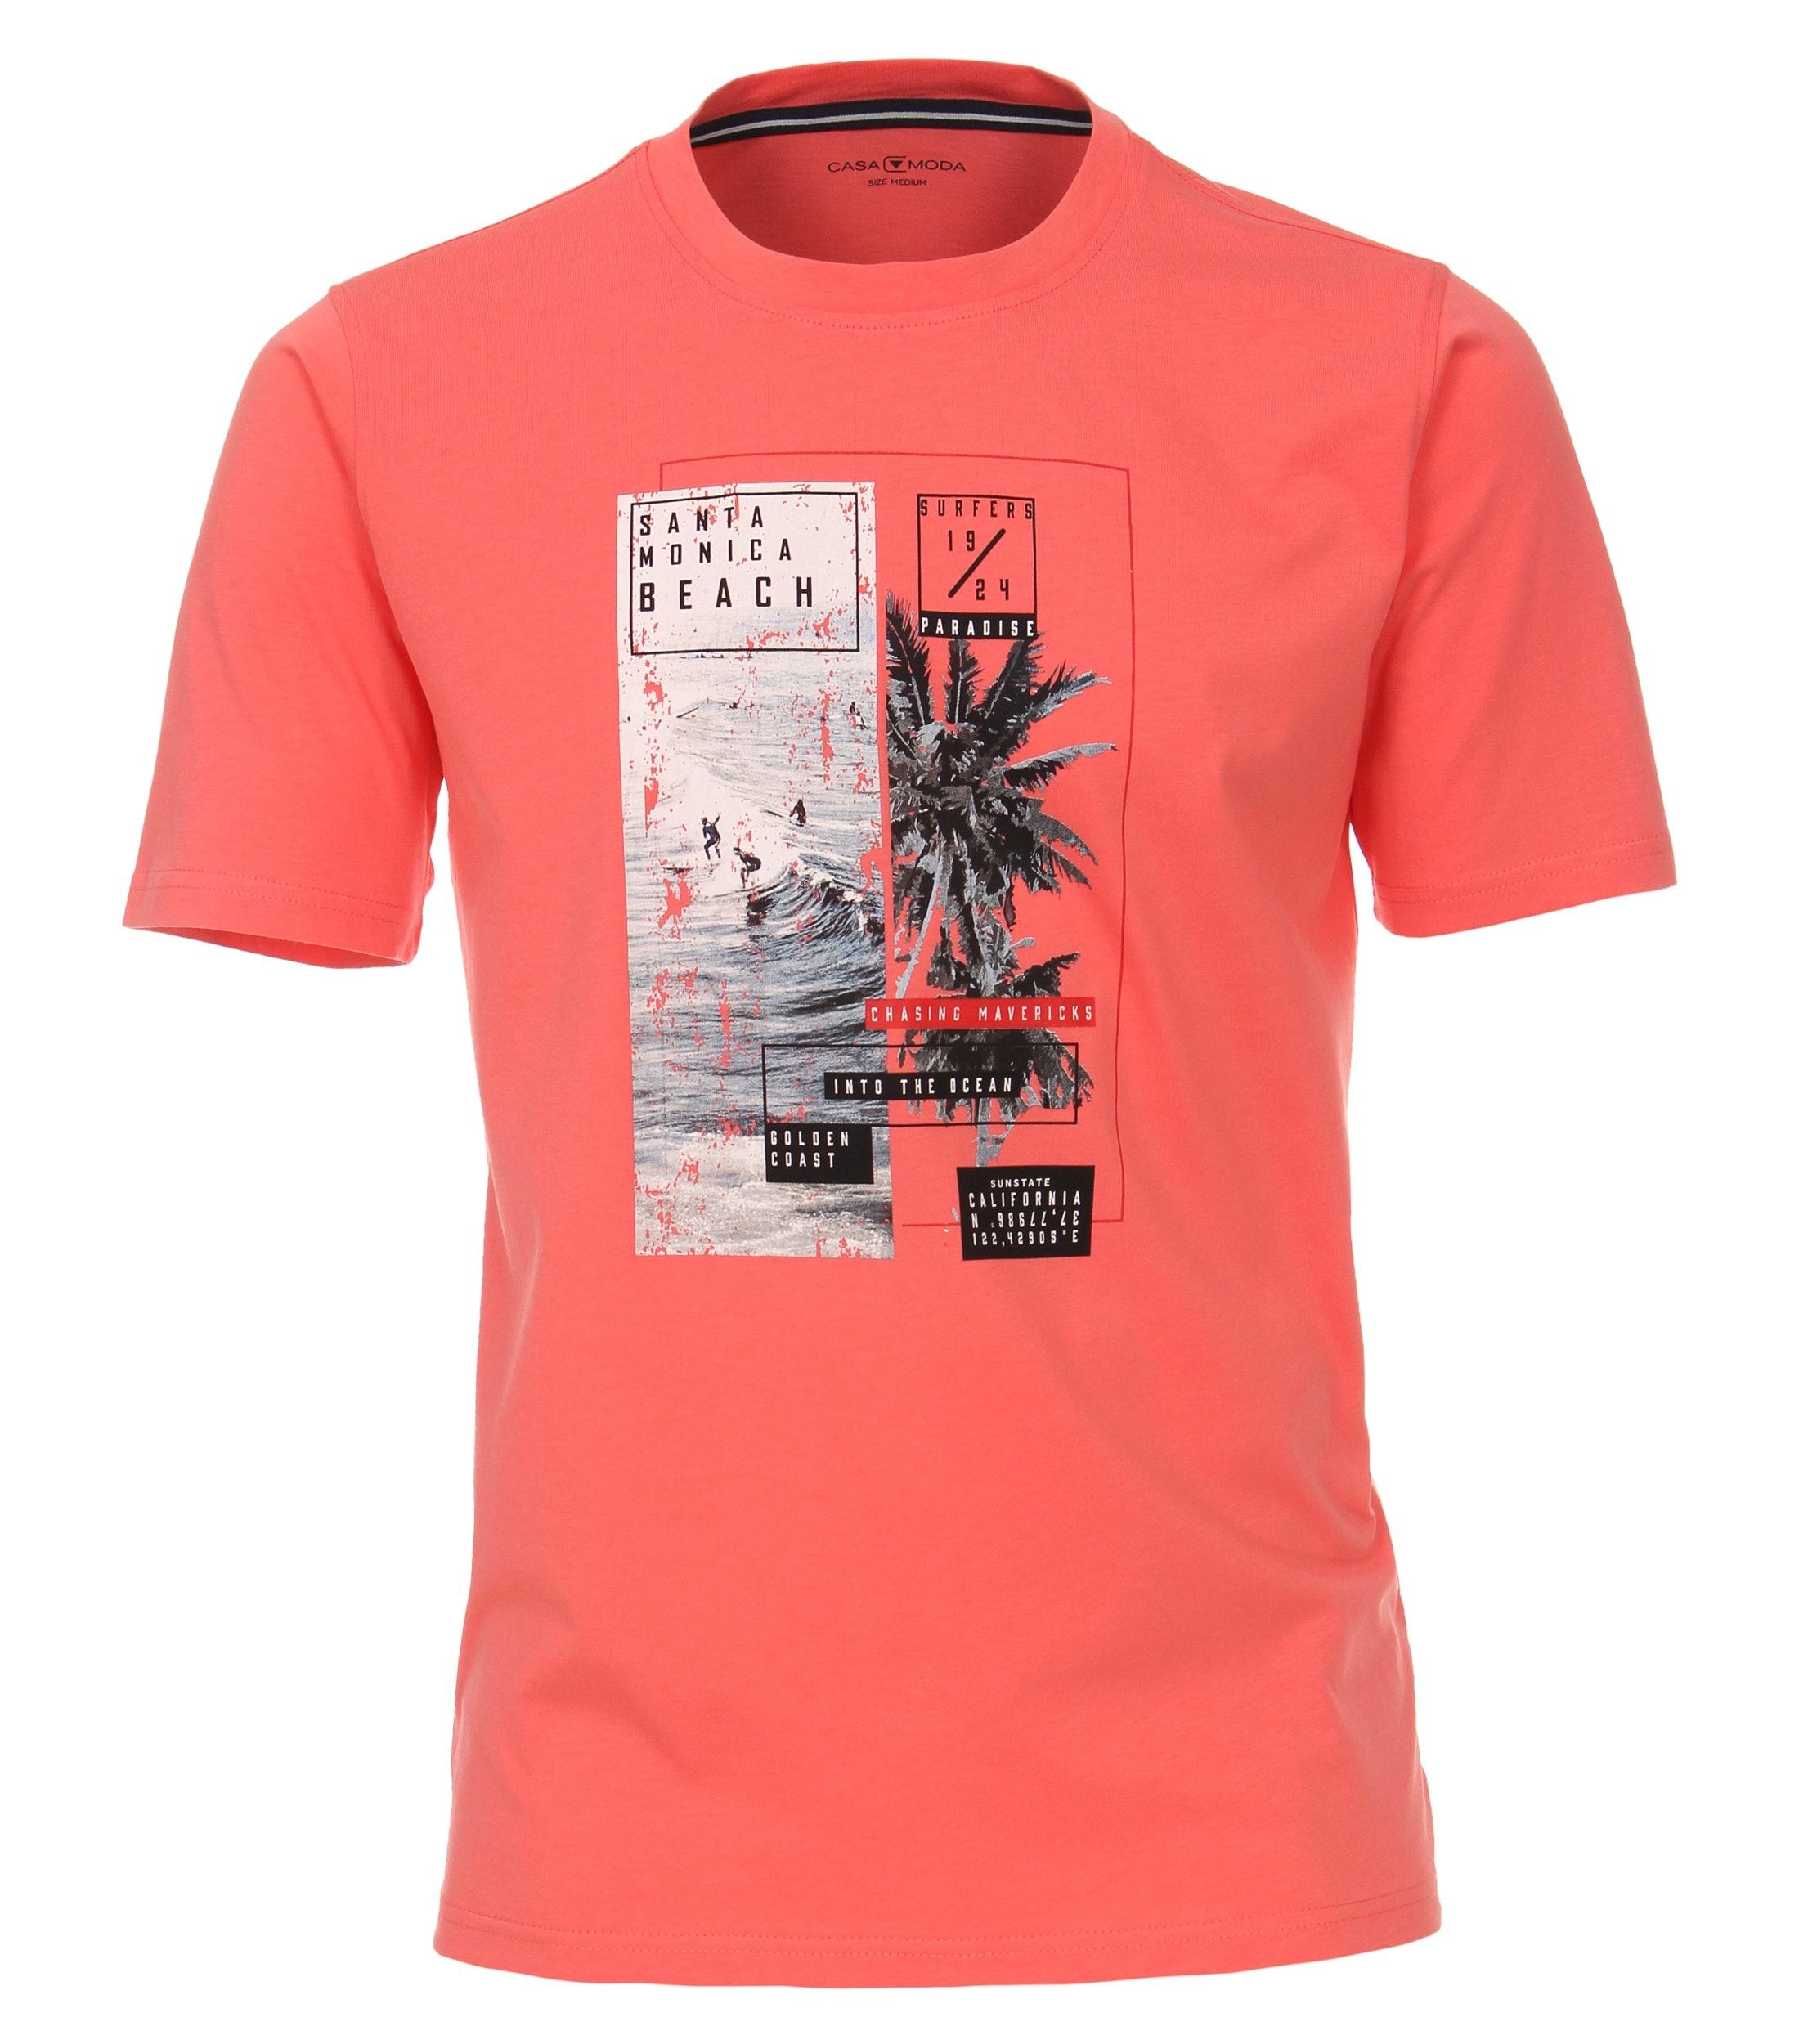 t-shirts van merk CASA MODA in de kleur pink, gemaakt van 100% katoen. Dit T-shirt is gemaakt van puur katoen en is zeer comfortabel om te dragen. Het sportieve design met trendy logo print past perfect bij elke sportieve look en is op vele manieren te combineren. Of het nu met jeans, chino's of shorts is, dit T-shirt kan veelzijdig worden gedragen en is een absolute must have voor elke garderobe.